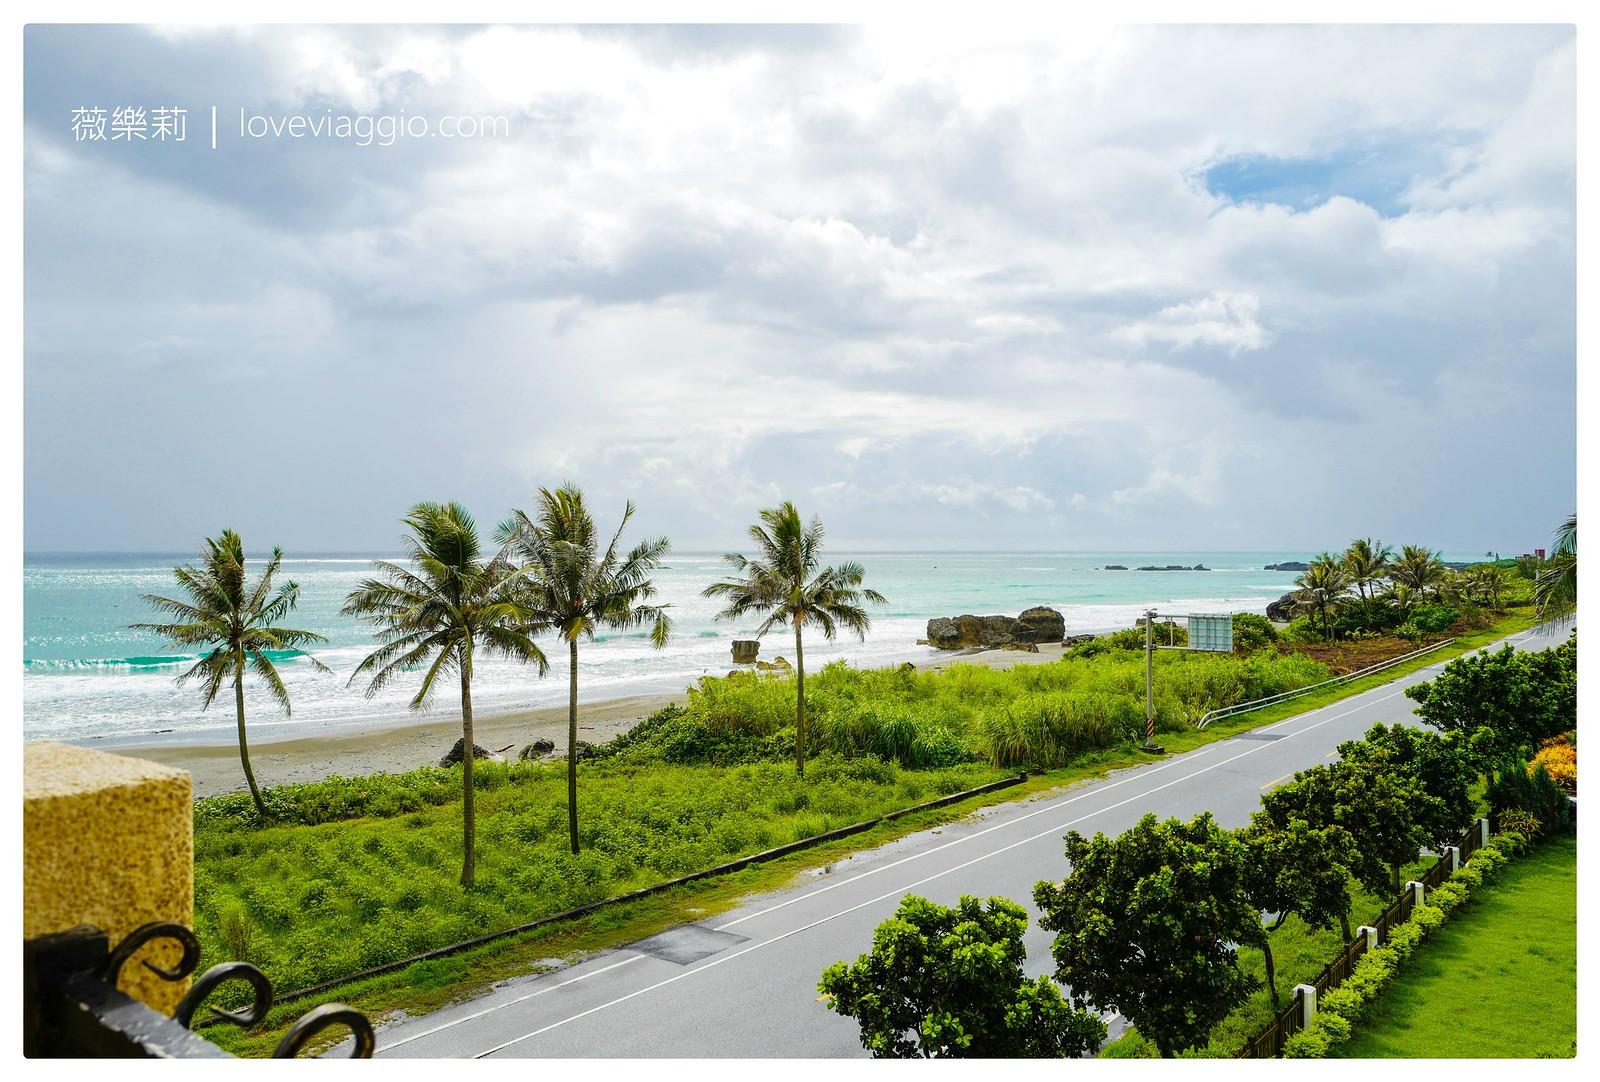 【台東 Taitung】寂里雅嵐Villa 東海岸公路海景民宿 靜謐沙灘椰子樹 @薇樂莉 Love Viaggio | 旅行.生活.攝影